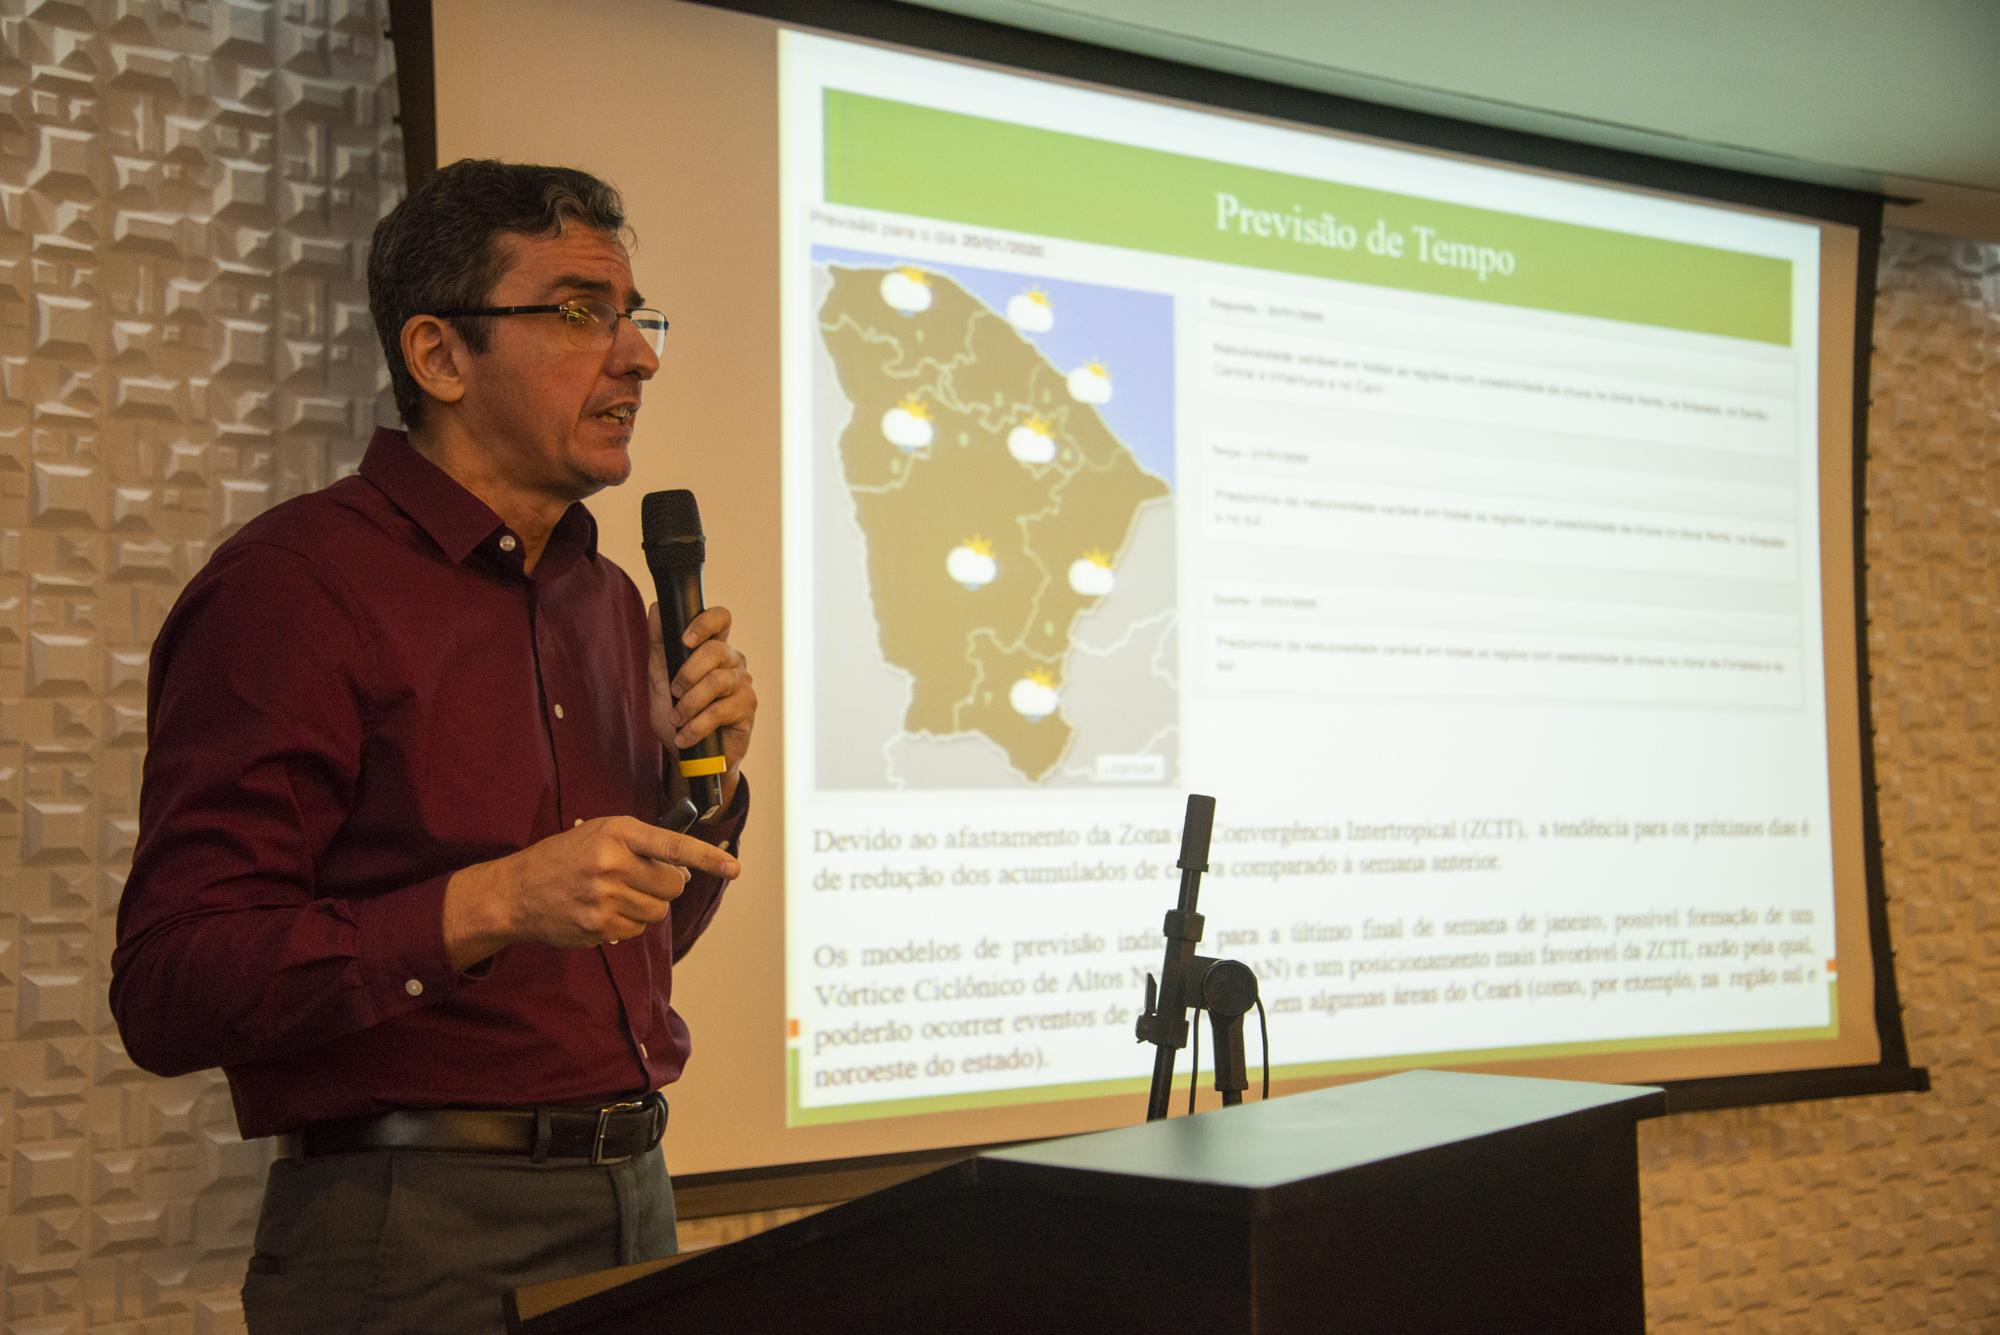 EDuardo Sávio Matins, presidente da Funceme, anunciou o prognóstico para 2020 (FOTO: Marcos Studart)